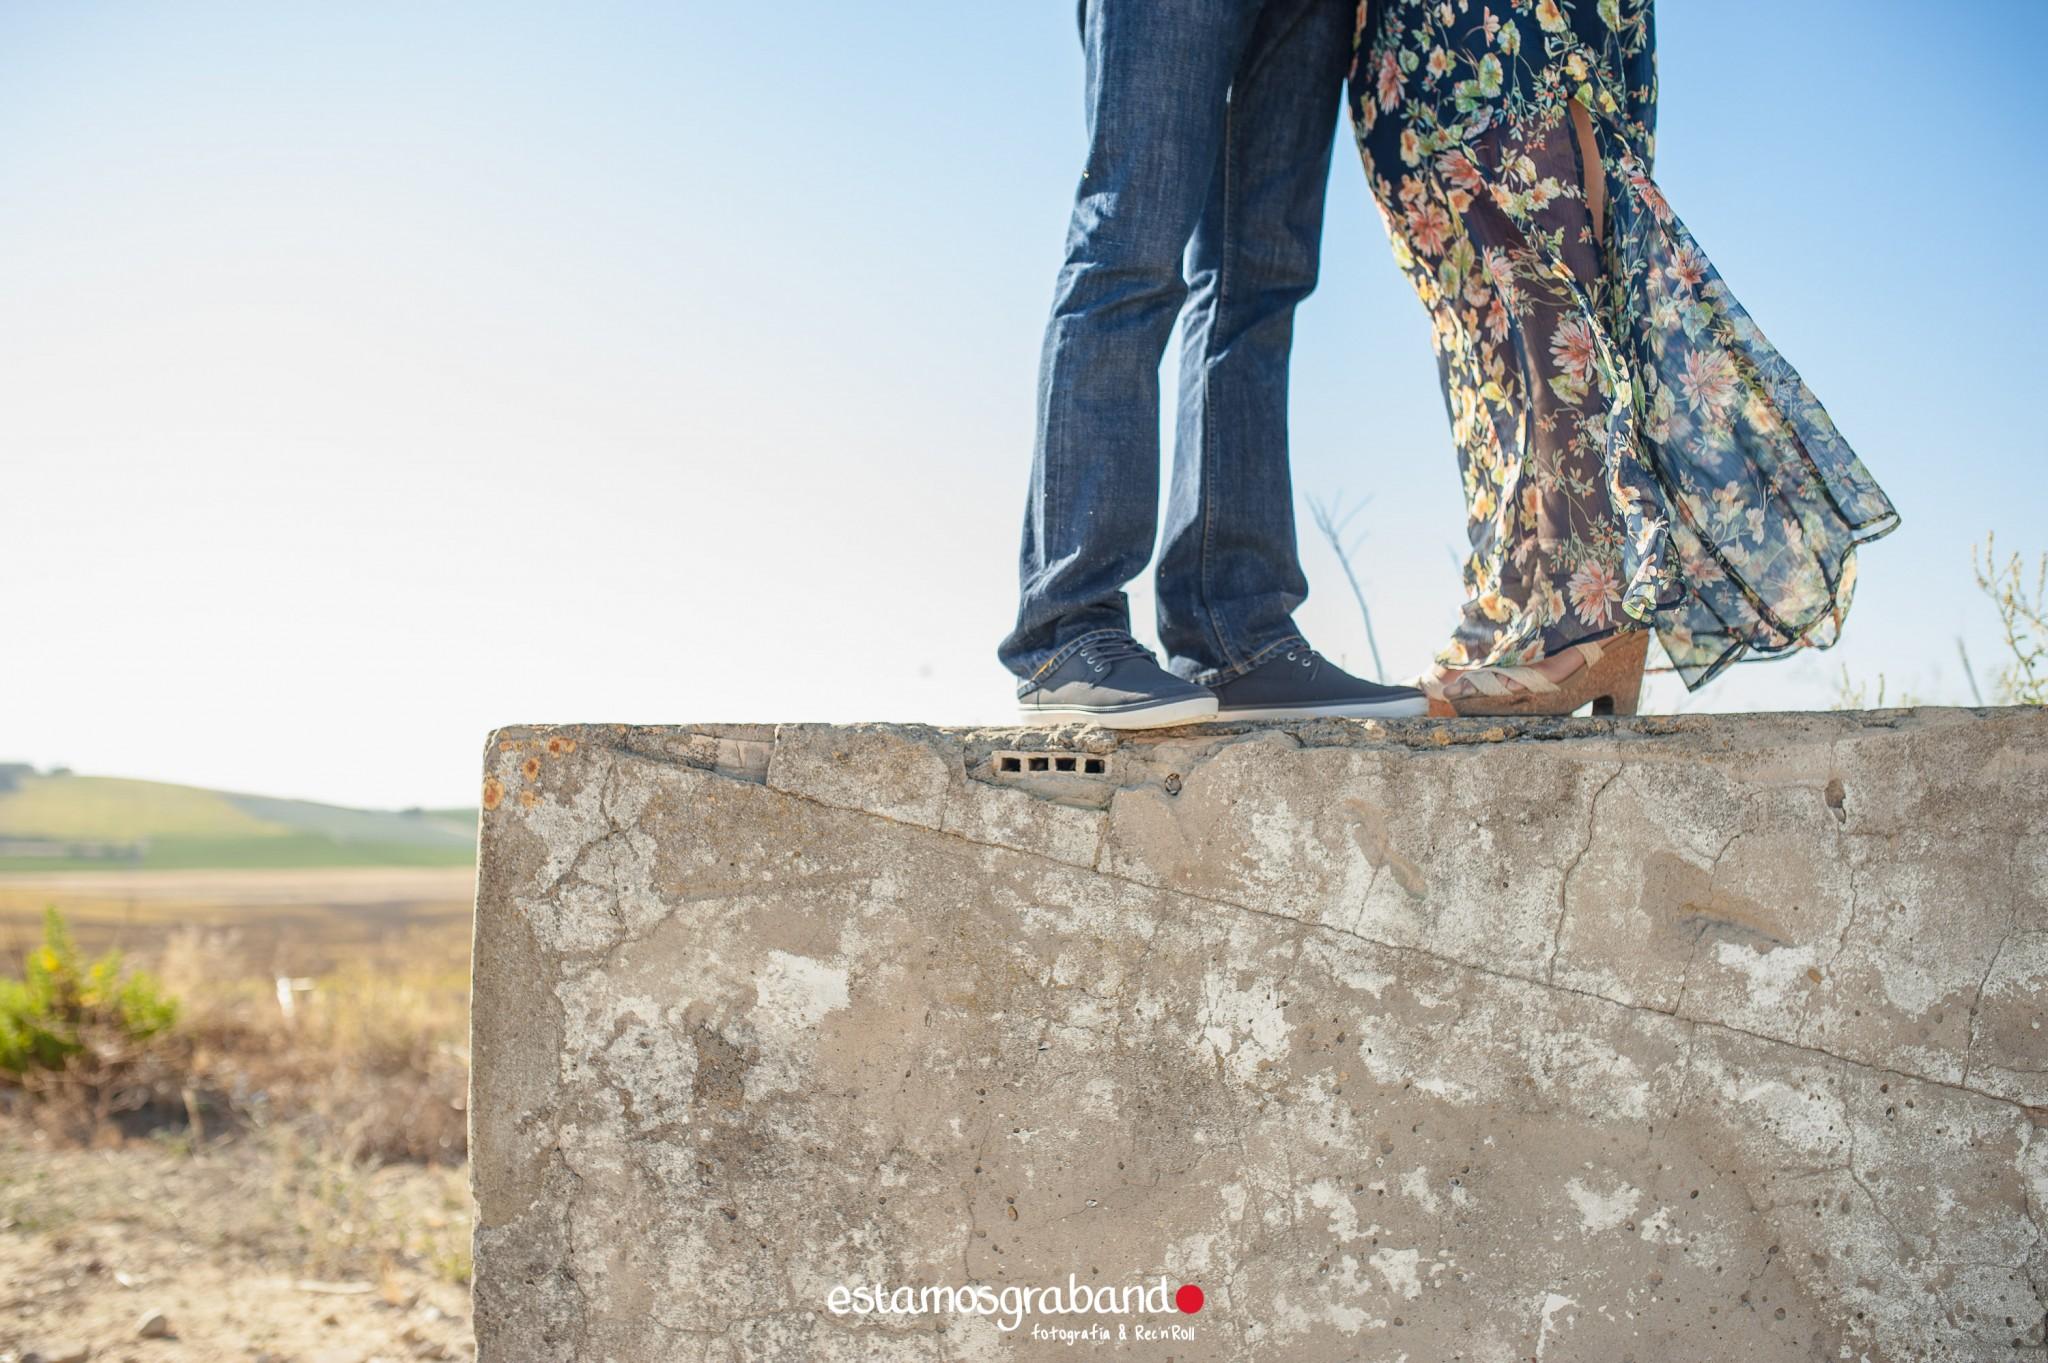 preboda-may-y-sergio-preboda-sesion-rec-and-rollera-fotos-de-pareja-e-session-fotos-boda-jerez-fotos-boda-jerez_-6 10 días [Preboda May & Sergio] - video boda cadiz